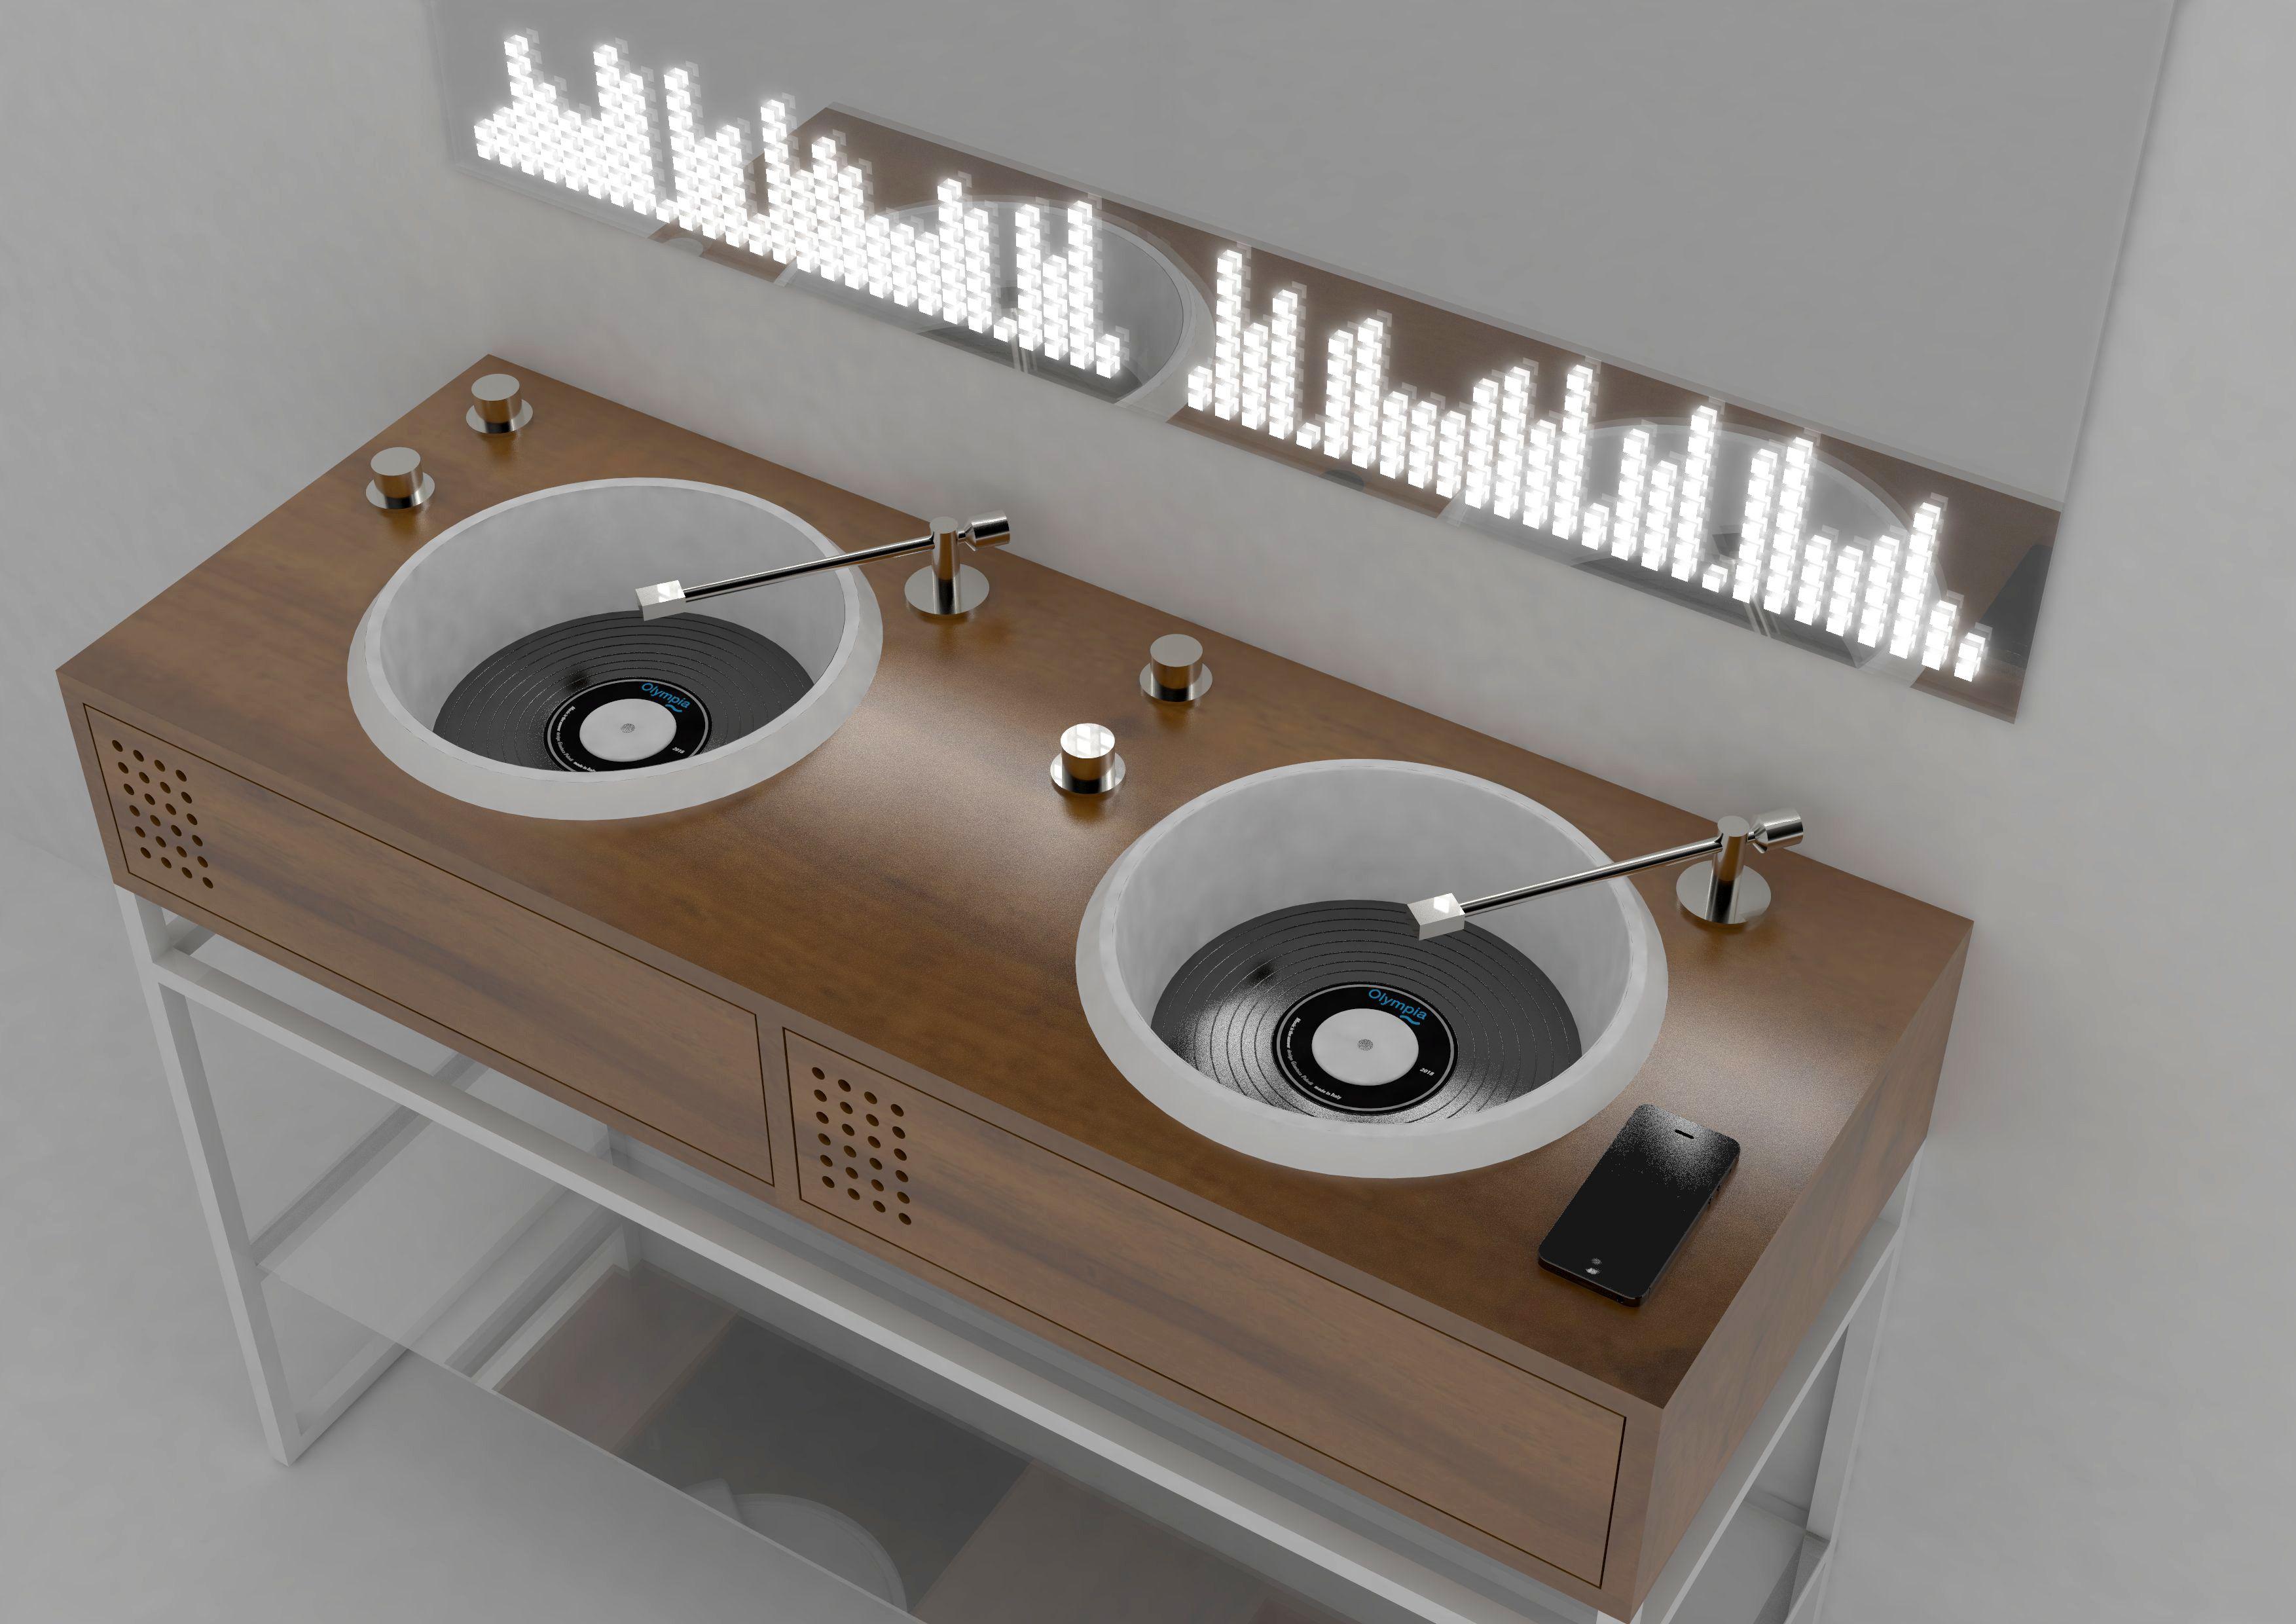 Zaprojektowane przez Gianlucę Paludi produkty imitują do złudzenia prawdziwy sprzęt muzyczny. Fot. Olympia Ceramica